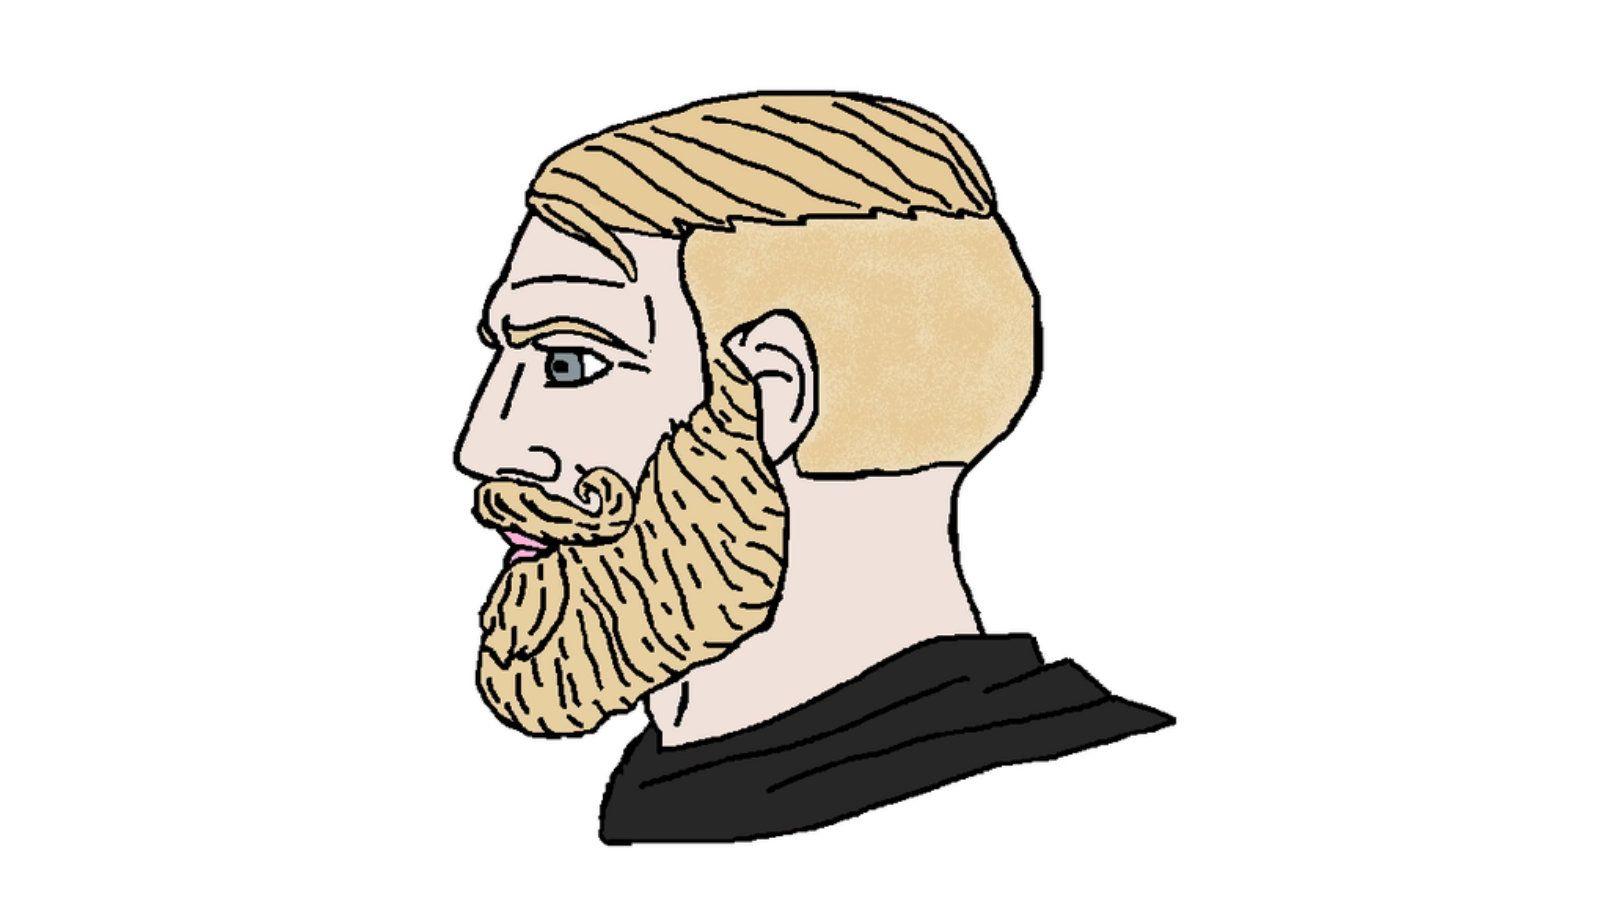 Pin de L Studio em Comedy. | Caras loiros, Meme desenhando ...